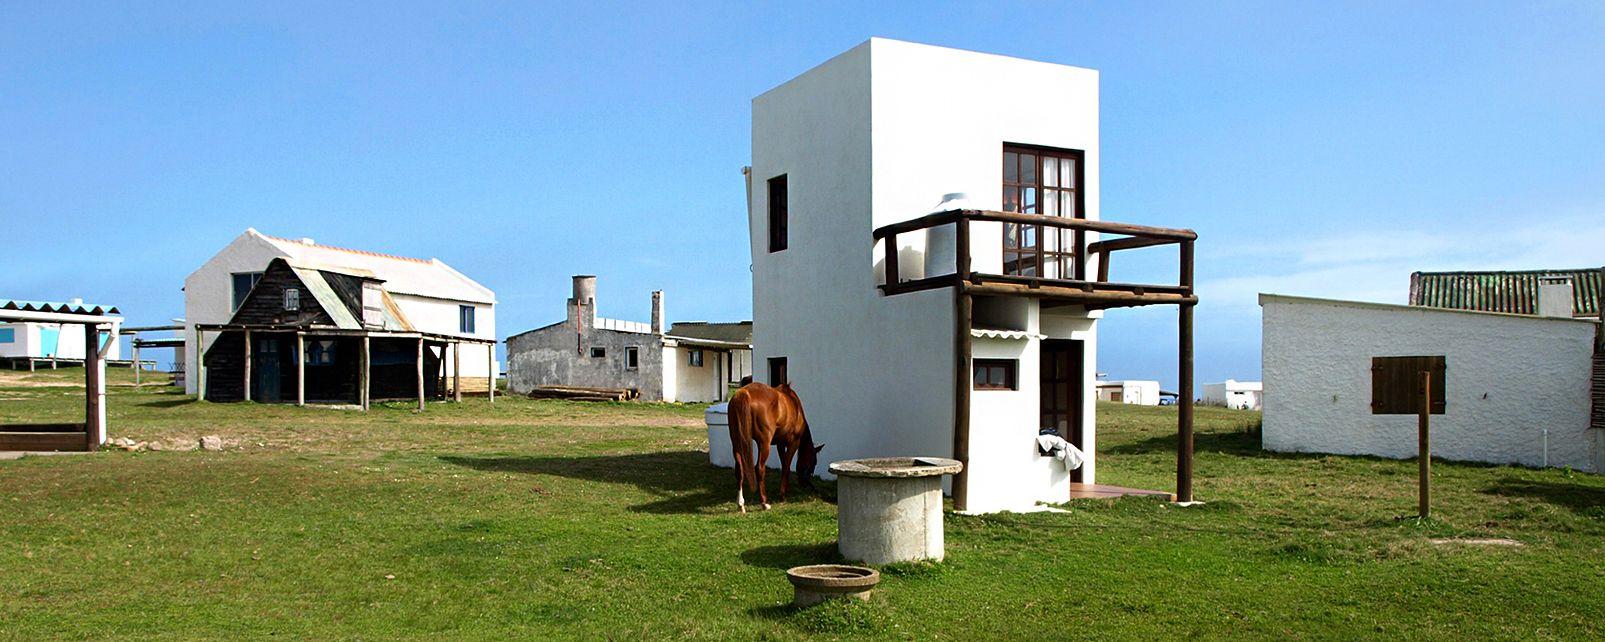 Les zones rurales, la savane , Uruguay